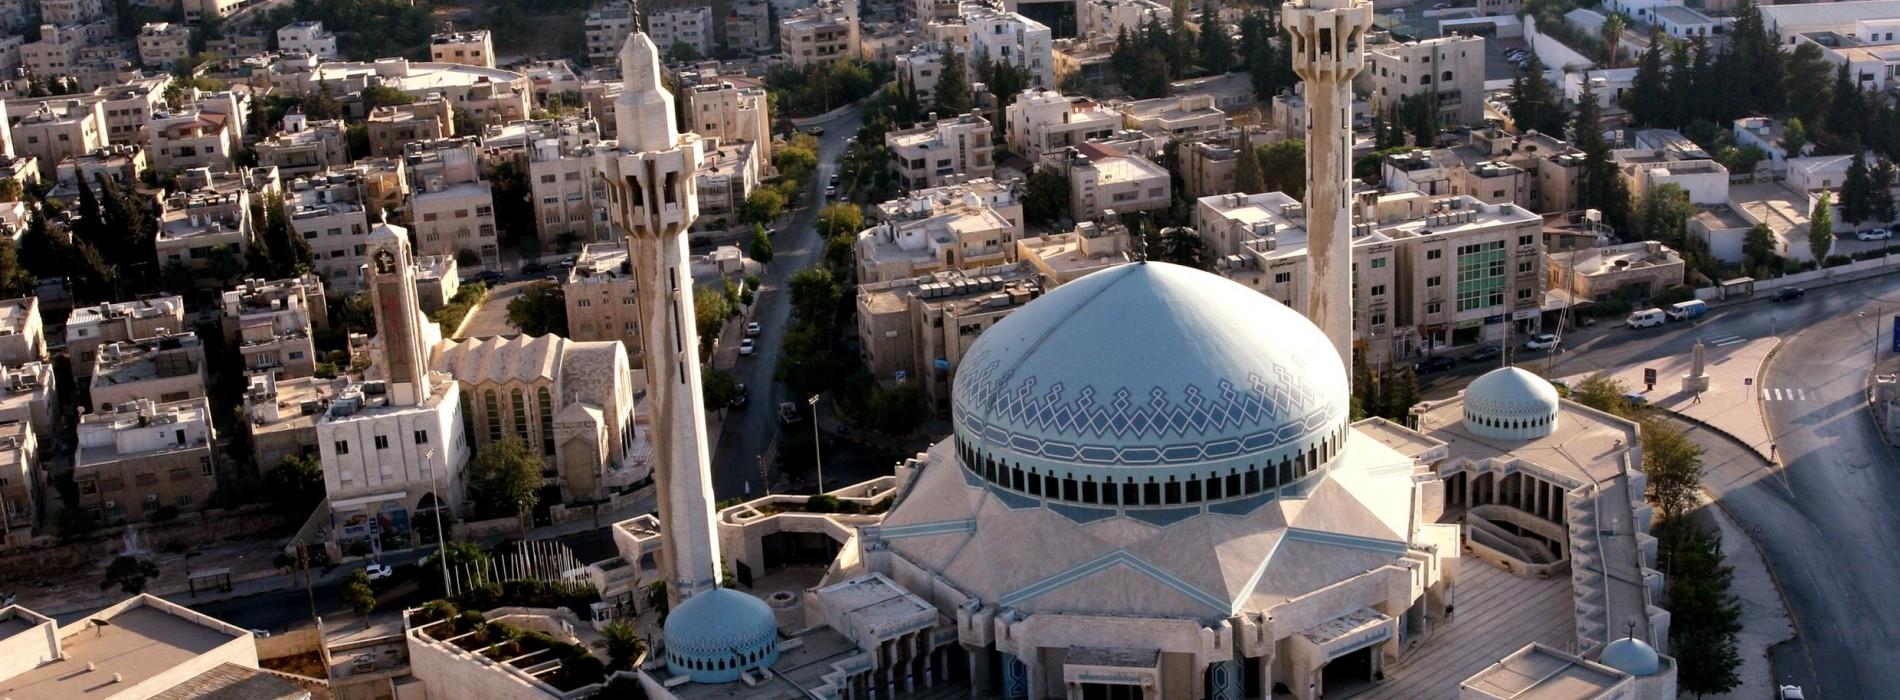 Inaugural Ryanair flight arrives in Amman